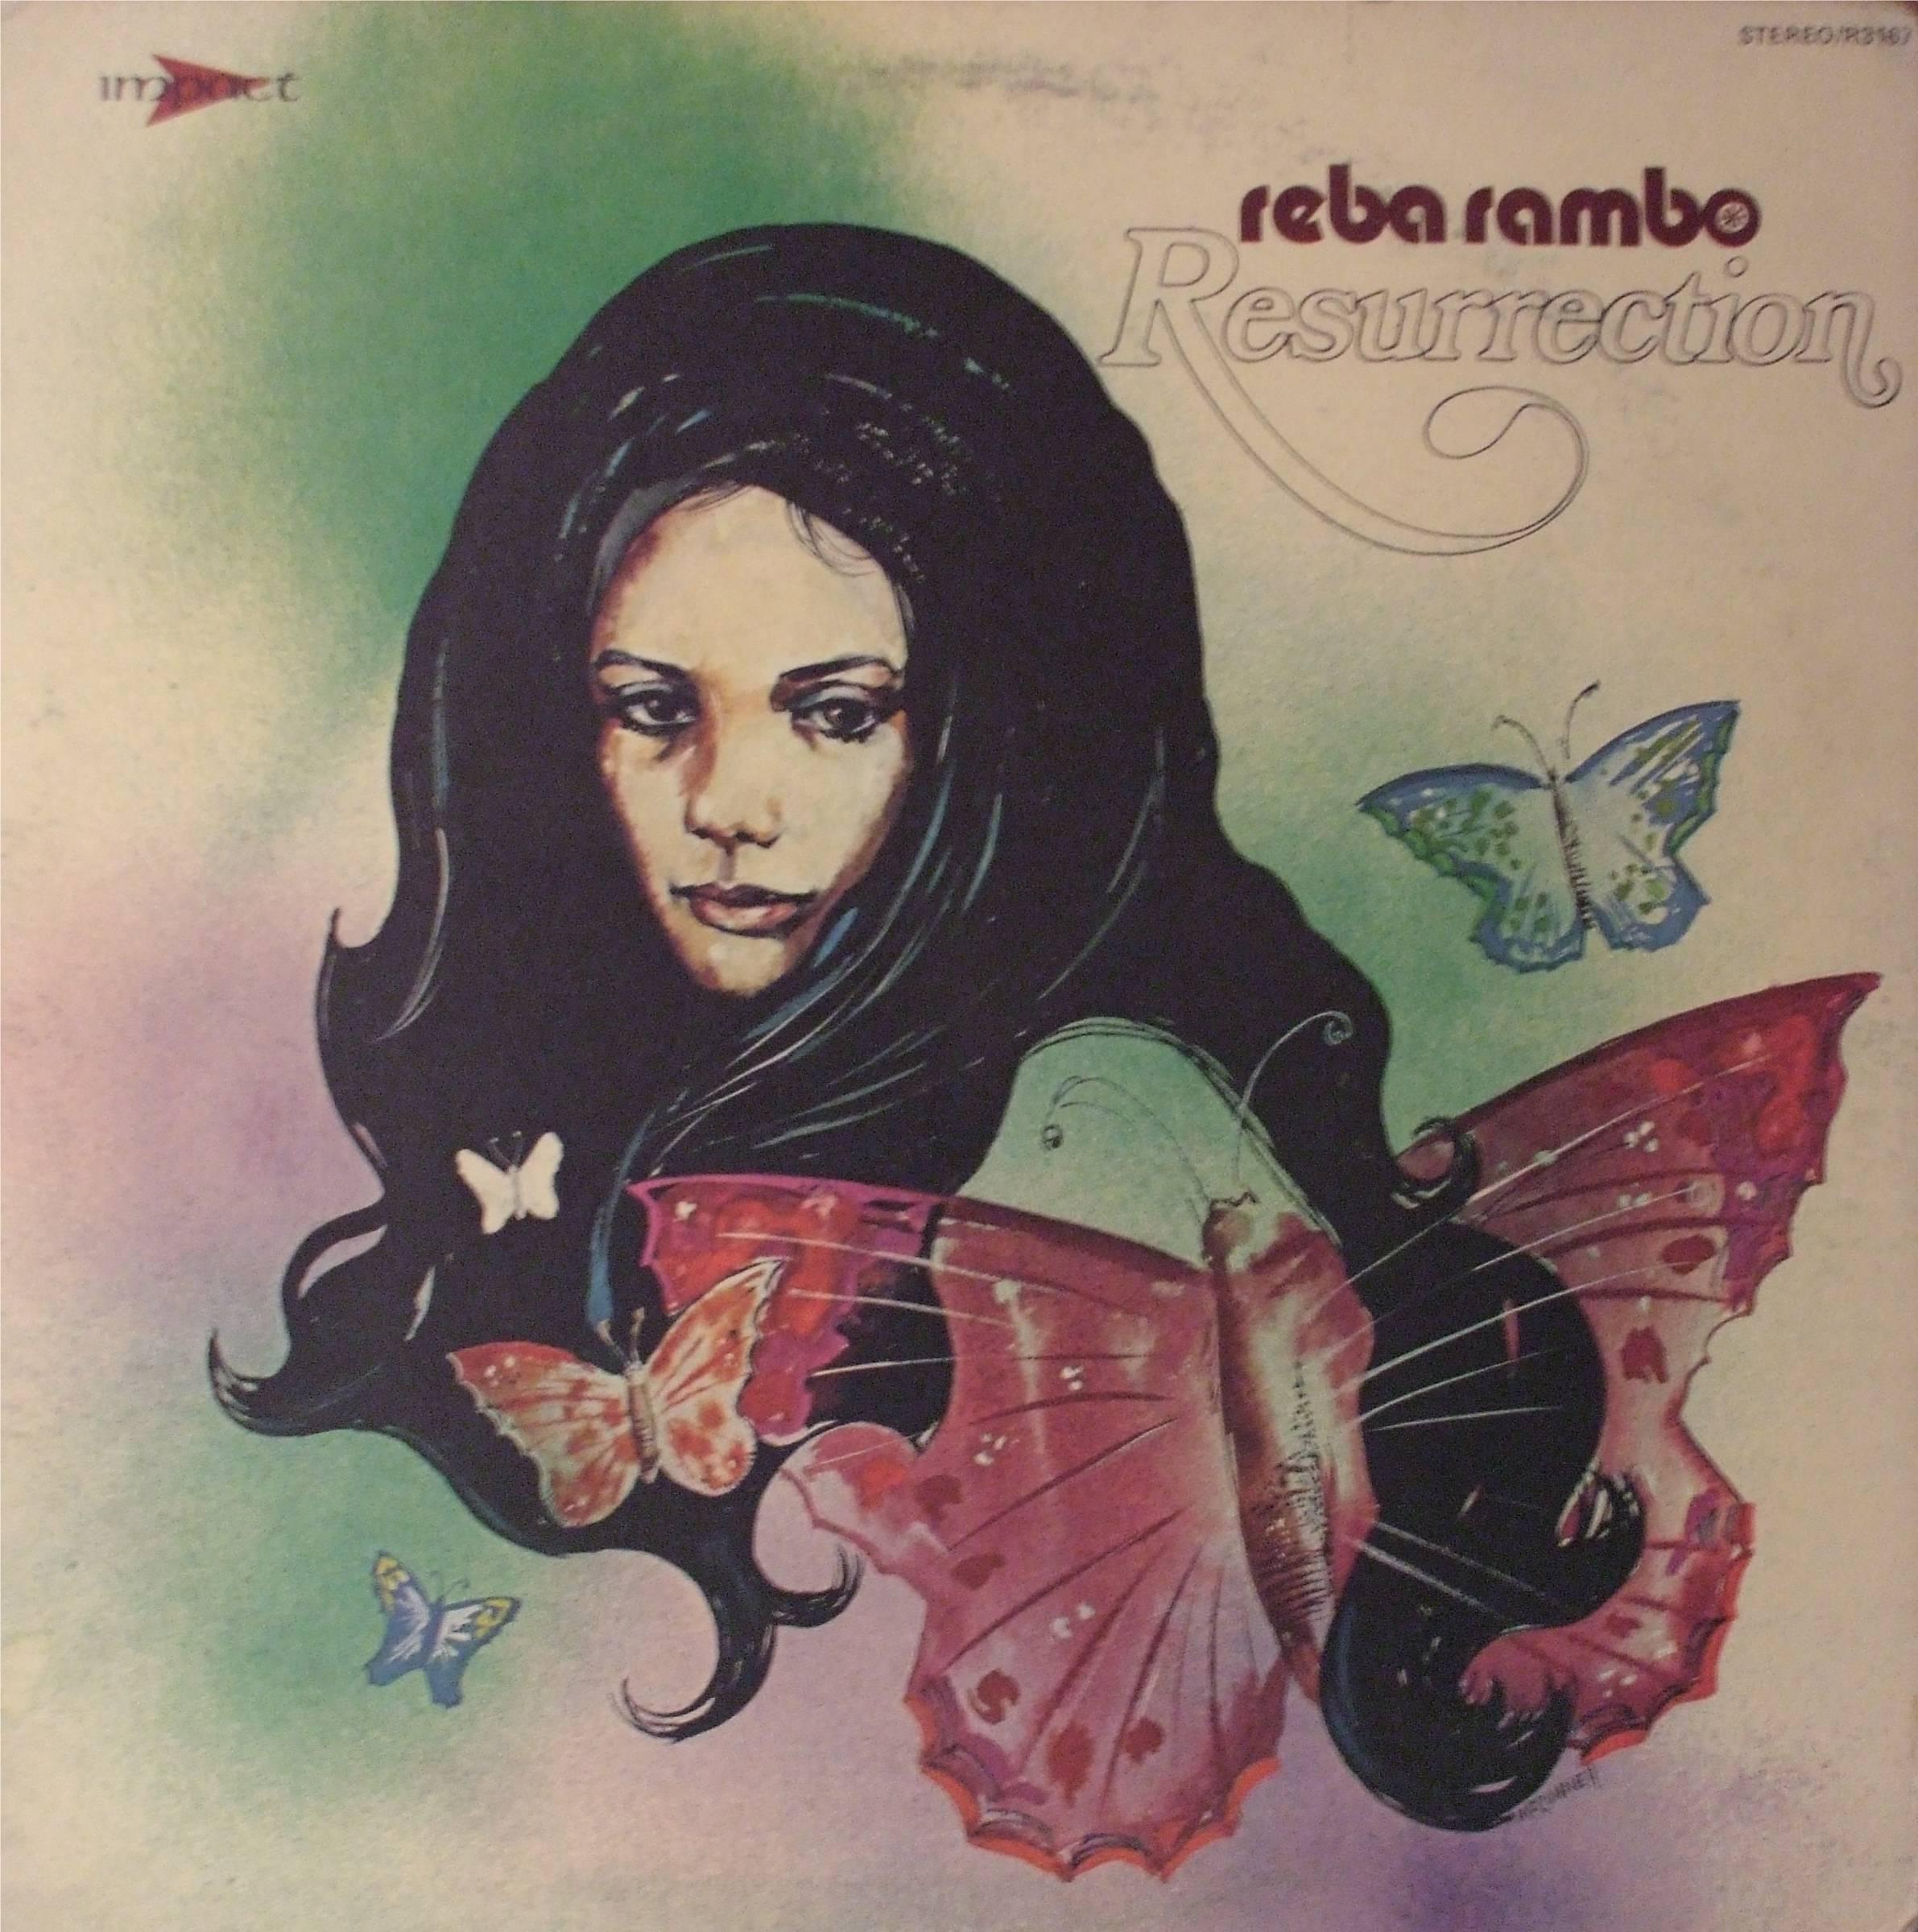 1972 Impact Records